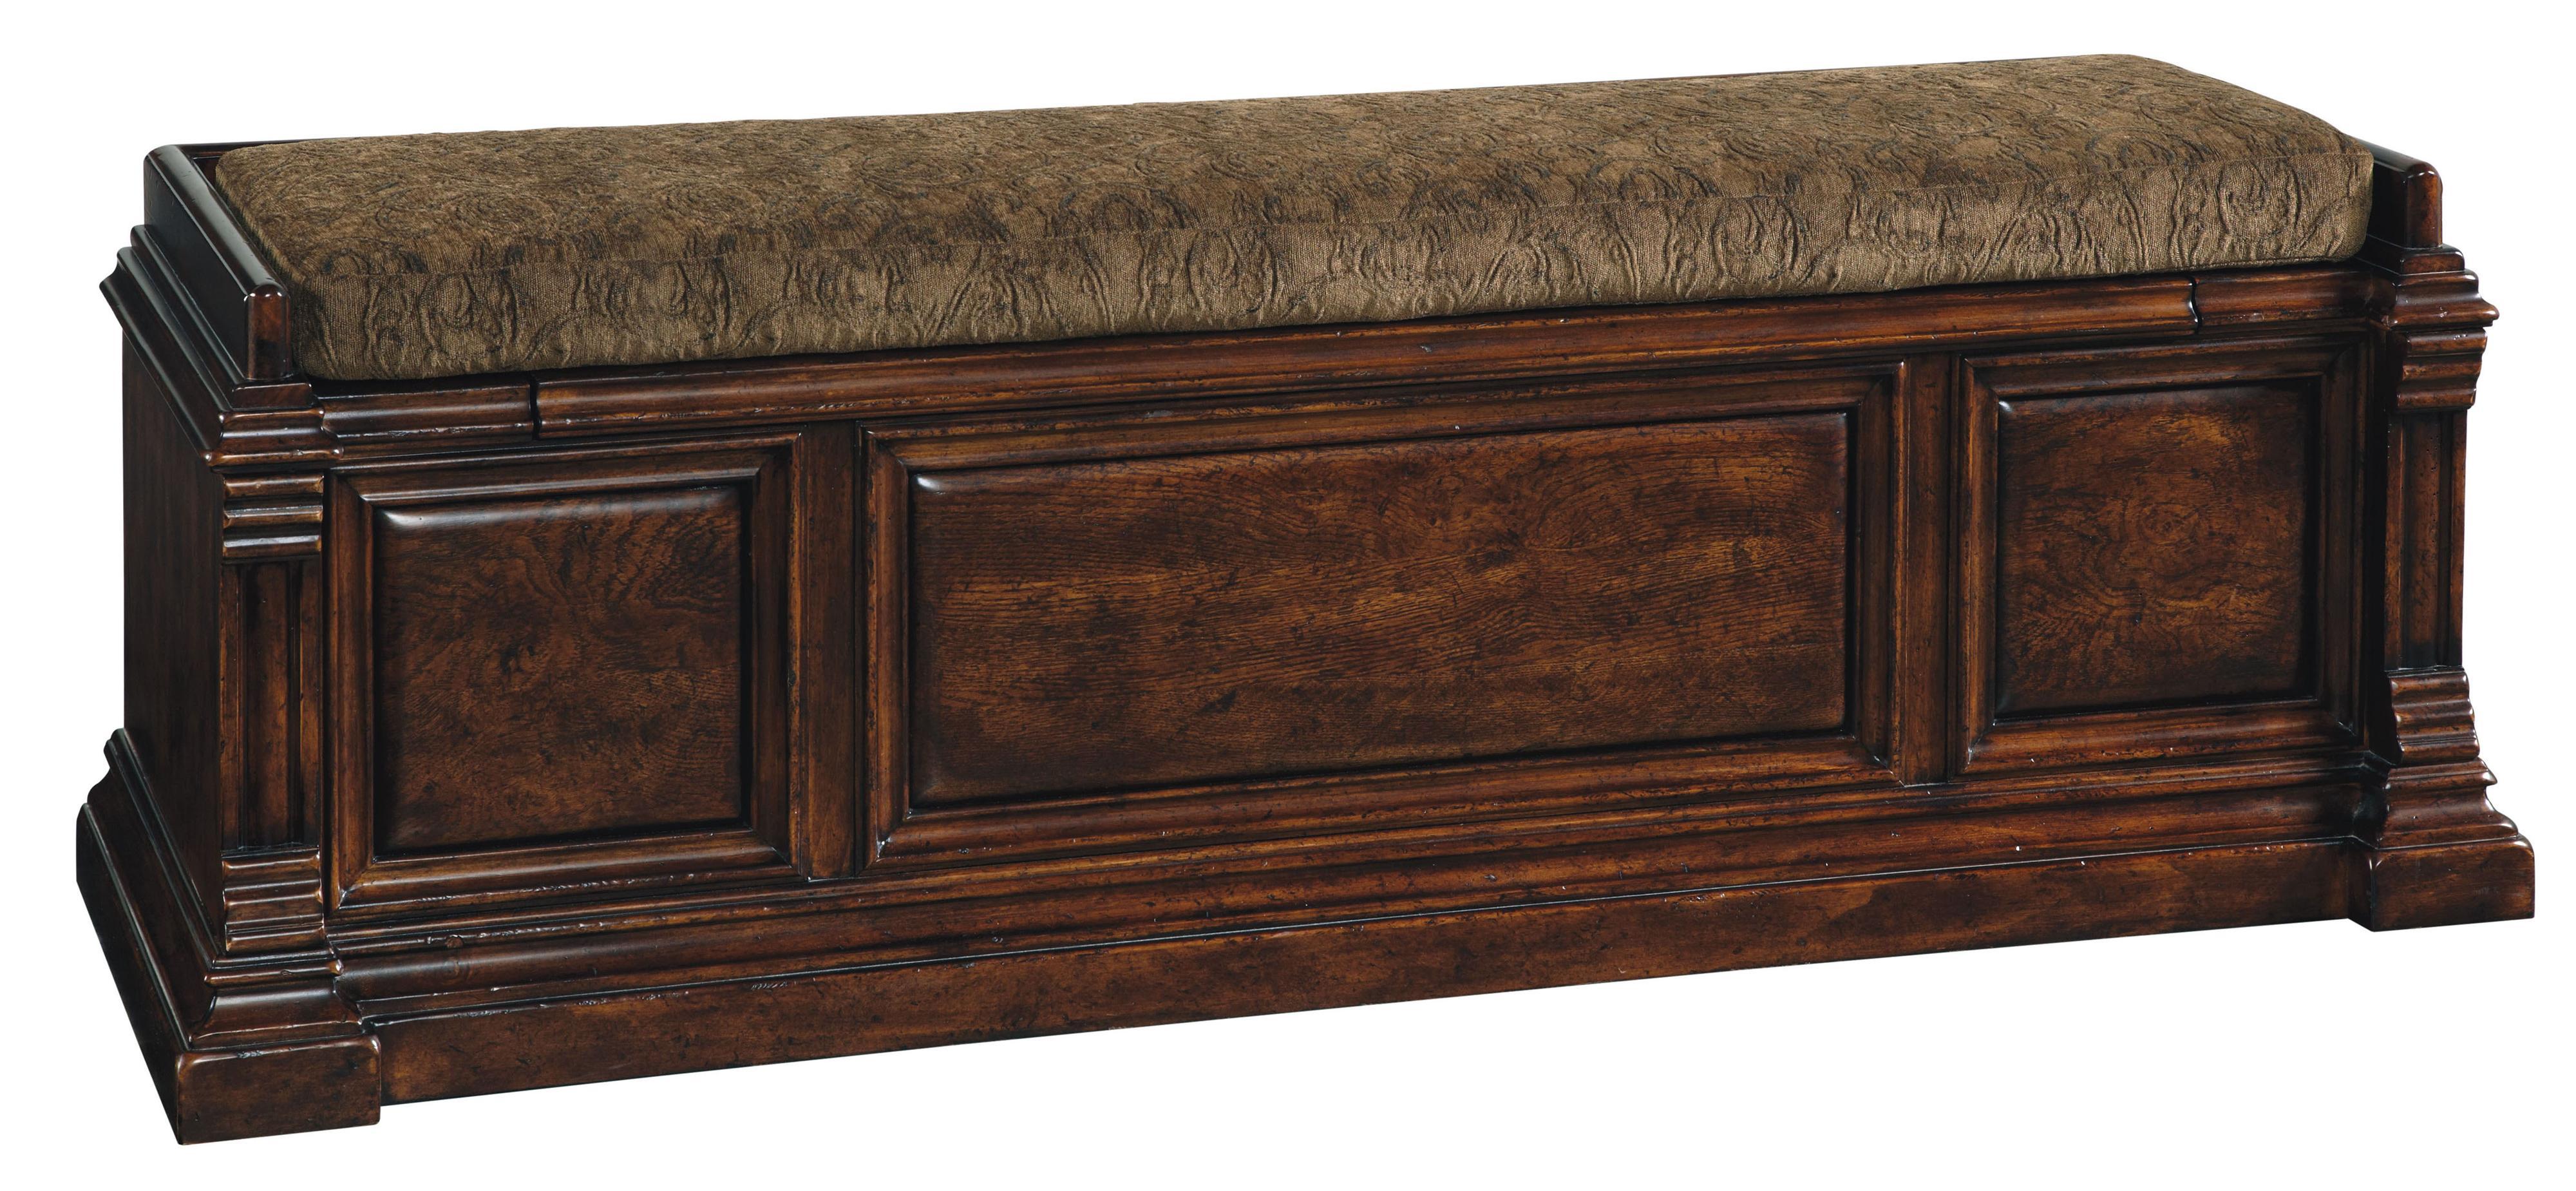 Belfort Signature Belvedere Storage Bench - Item Number: 205149-2304